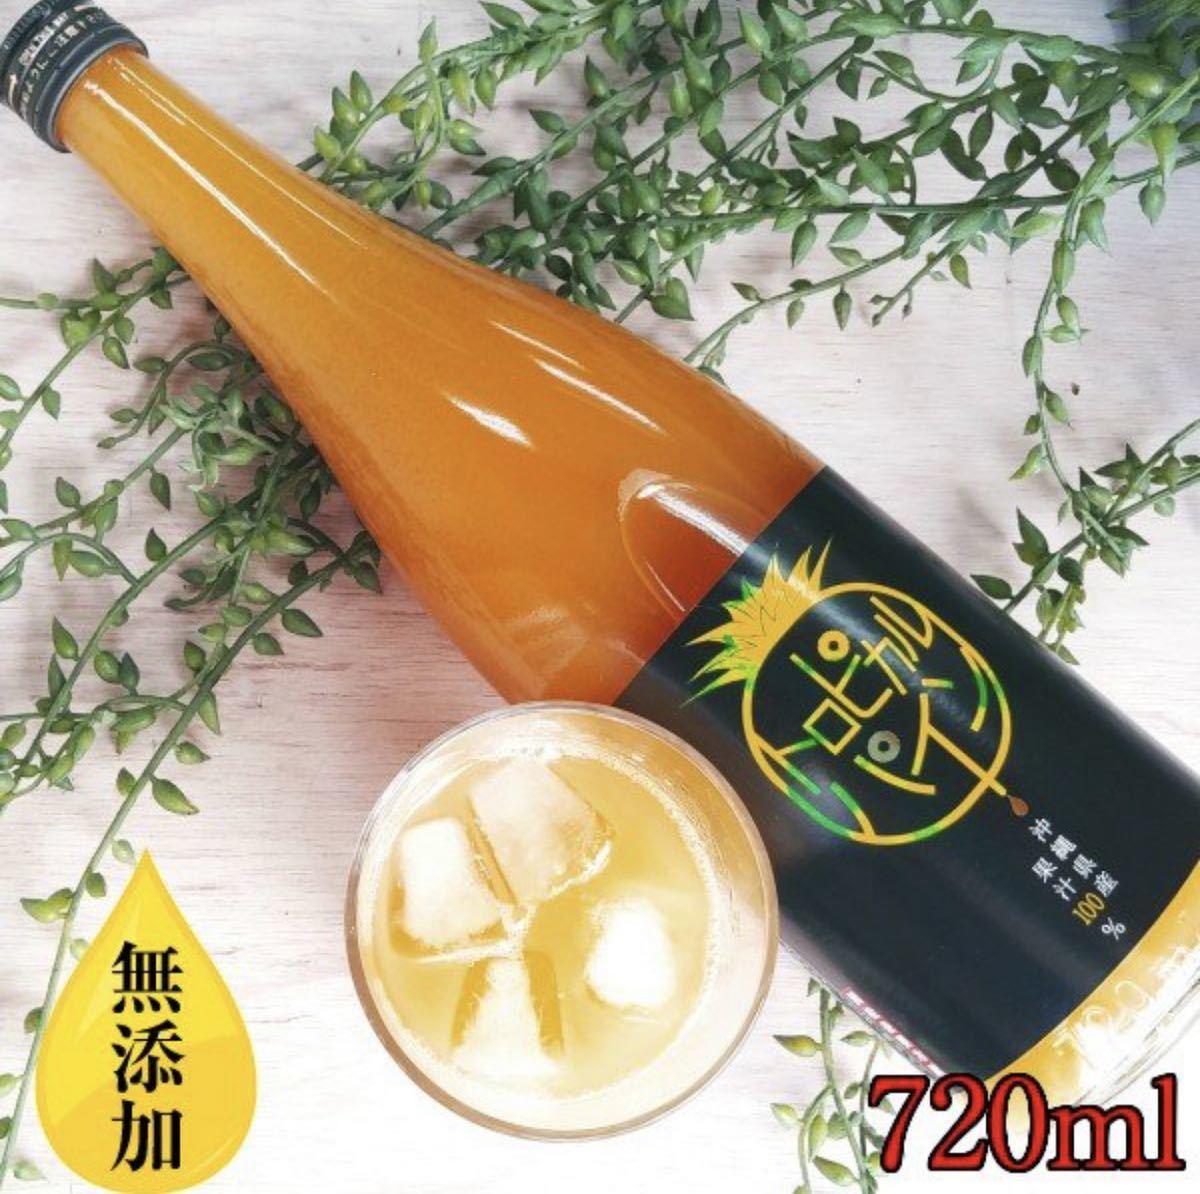 沖縄県産トロピカルパイン100%果汁720ml 3本セット 無添加_画像1